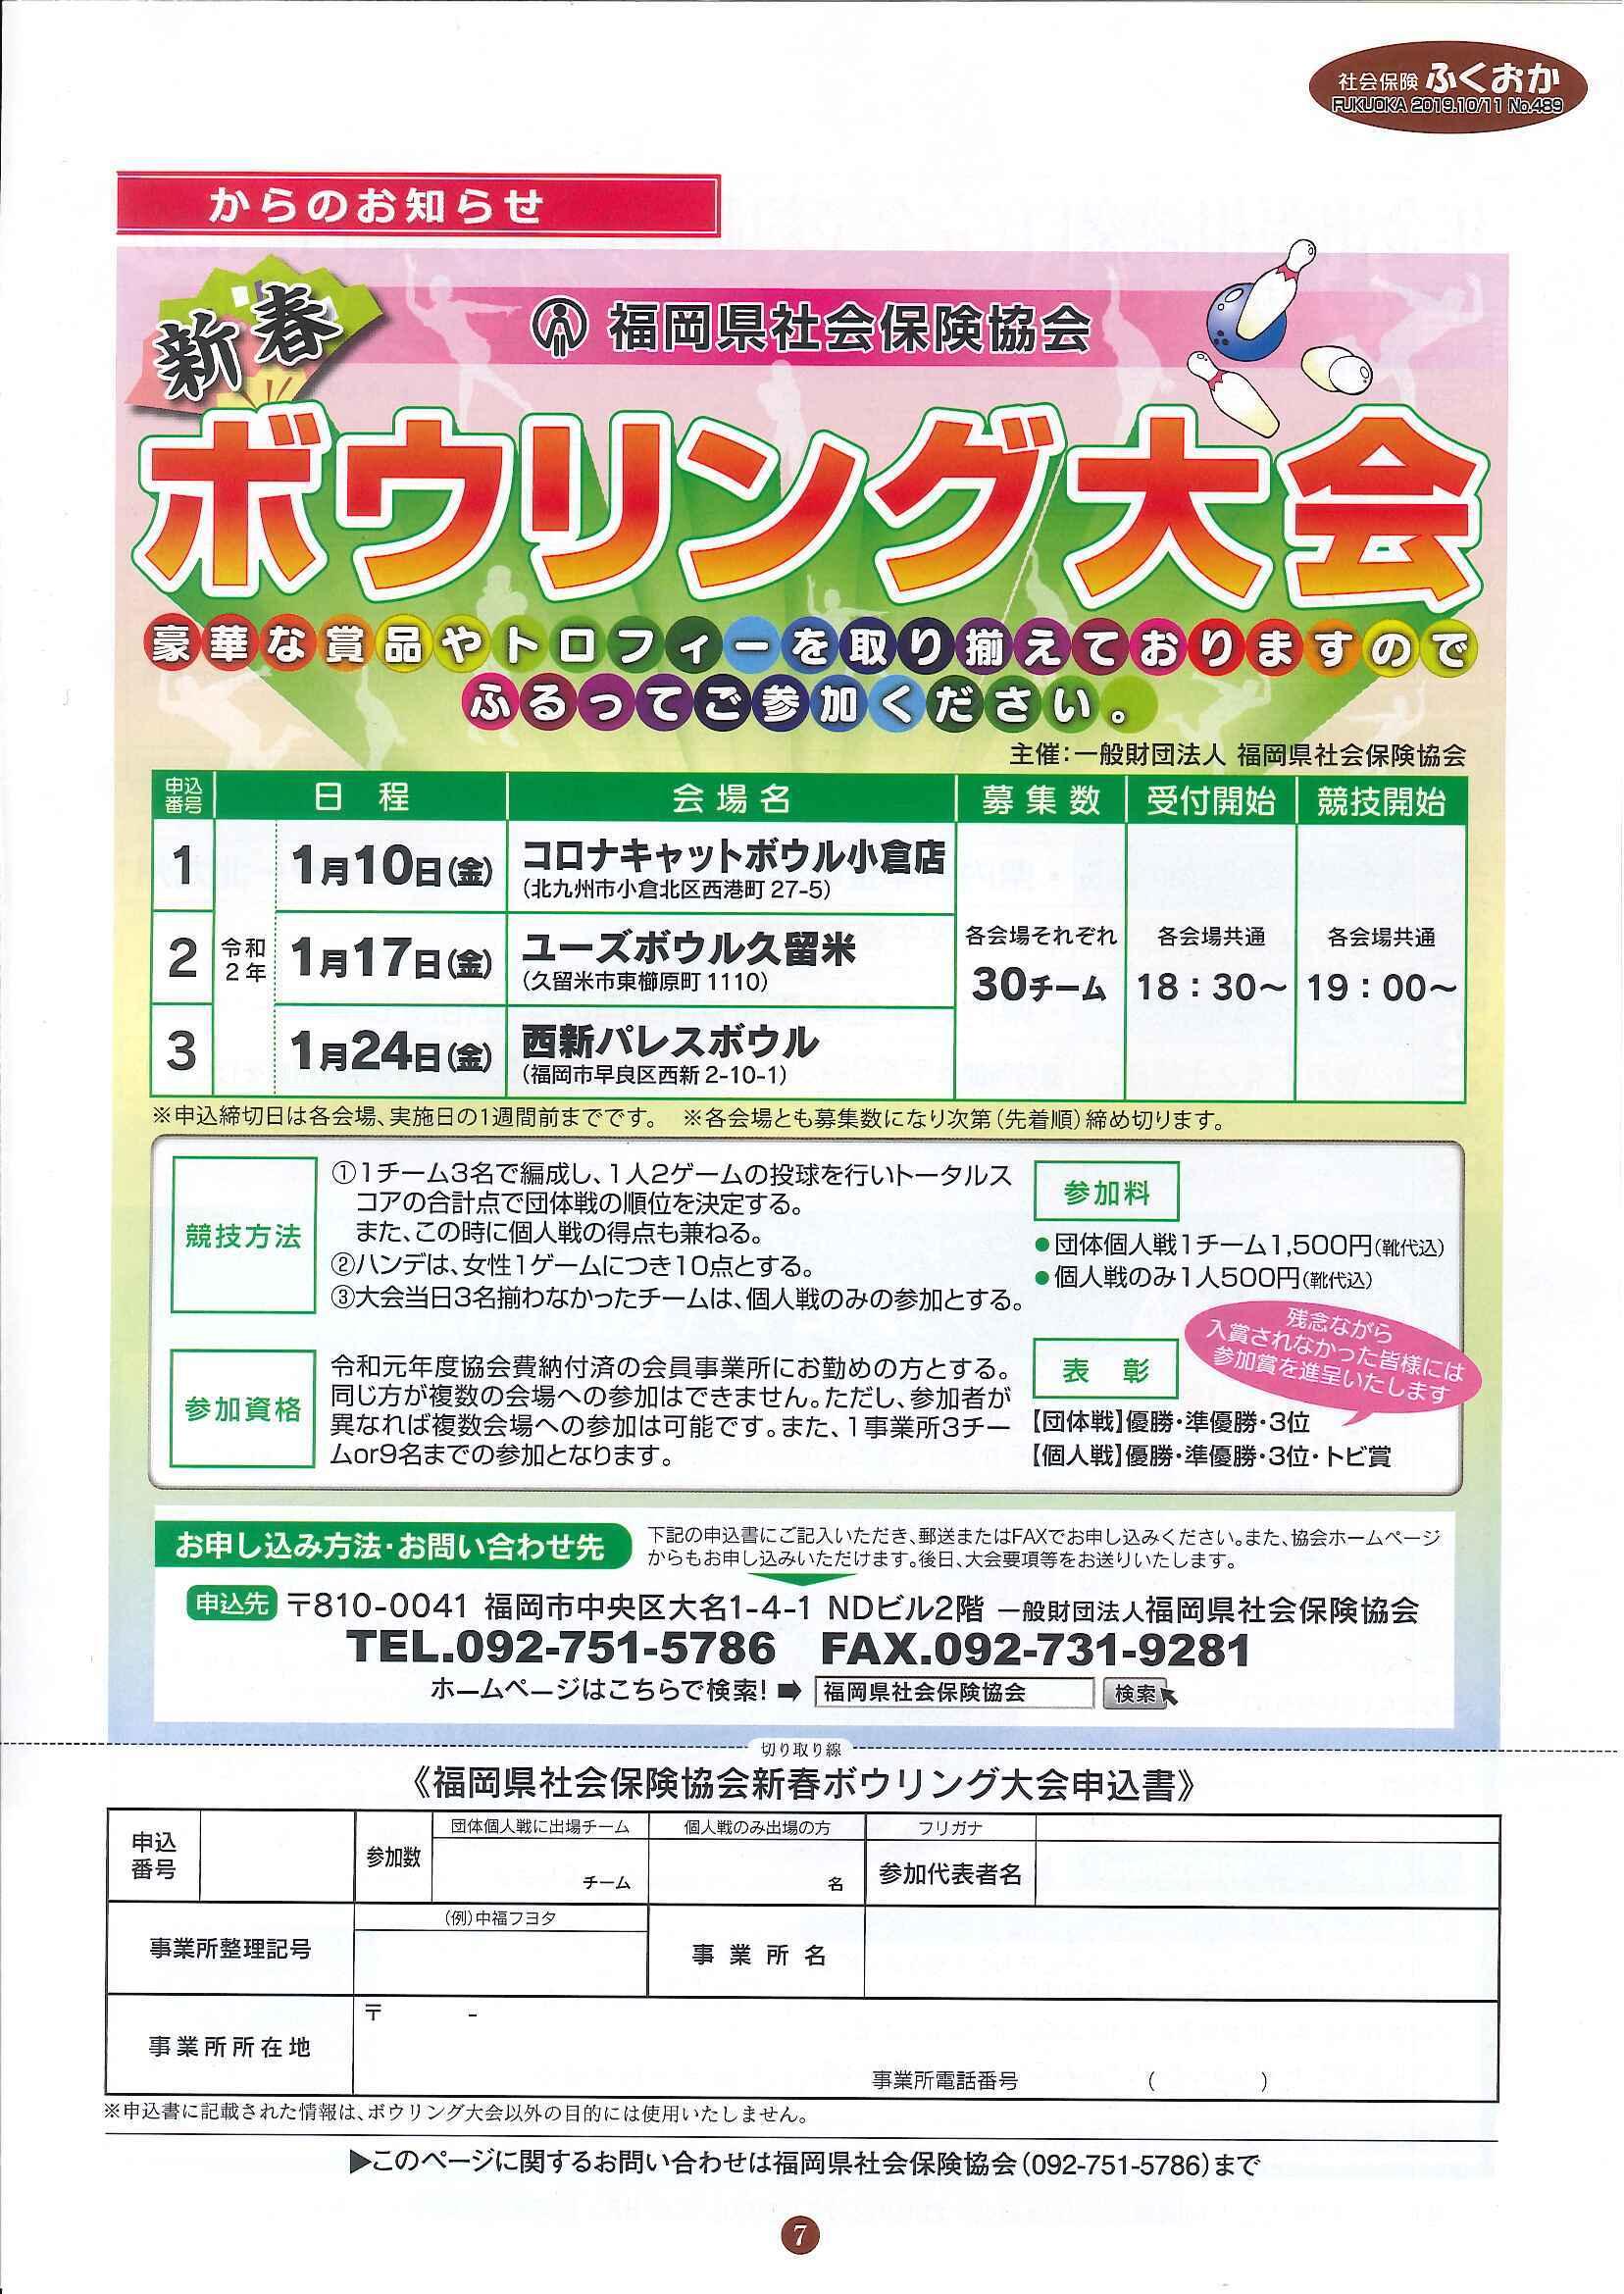 社会保険 ふくおか 2019年10・11月号_f0120774_11303242.jpg